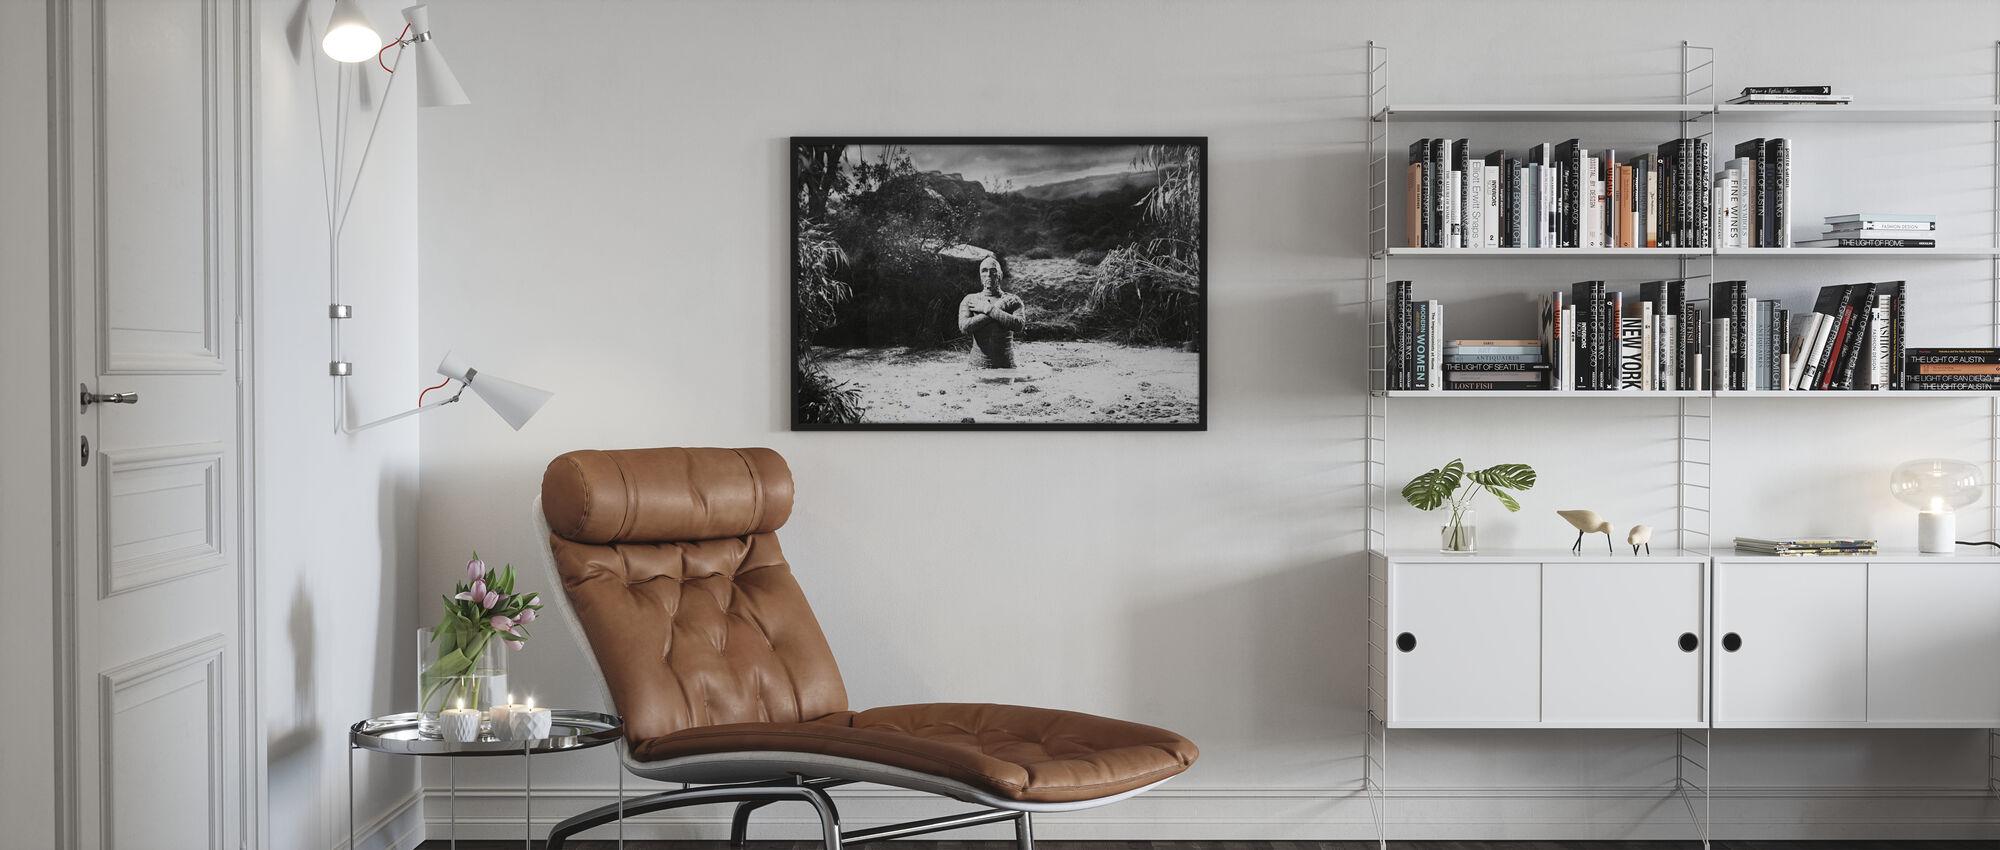 Mumie - Christopher Lee - Poster - Wohnzimmer